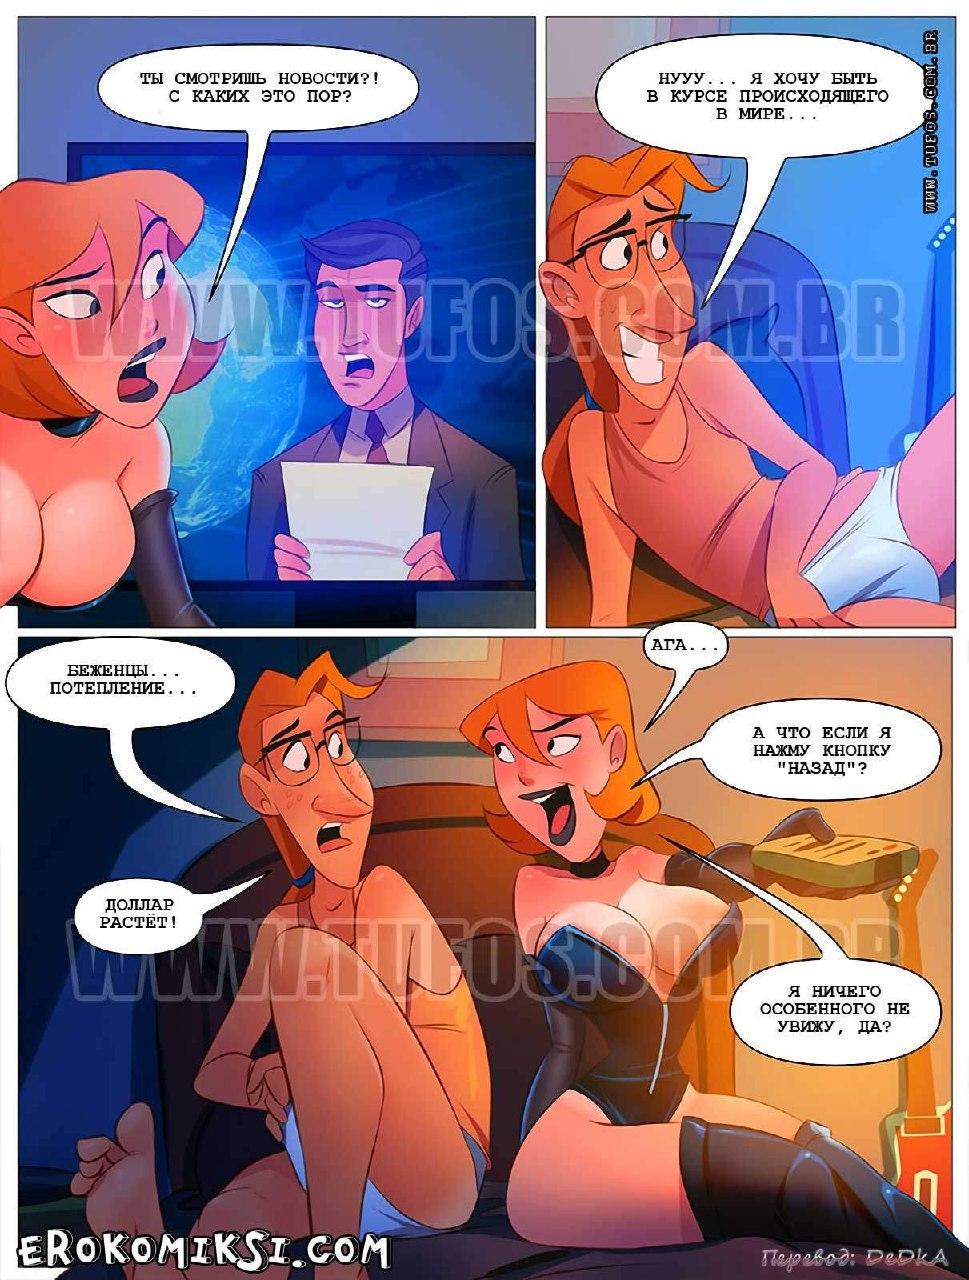 Похотливая семейка 30: Поцелуй на ночь - порно комиксы Без цензуры, Анал, Большие члены, Измена, Инцест, Порно комиксы